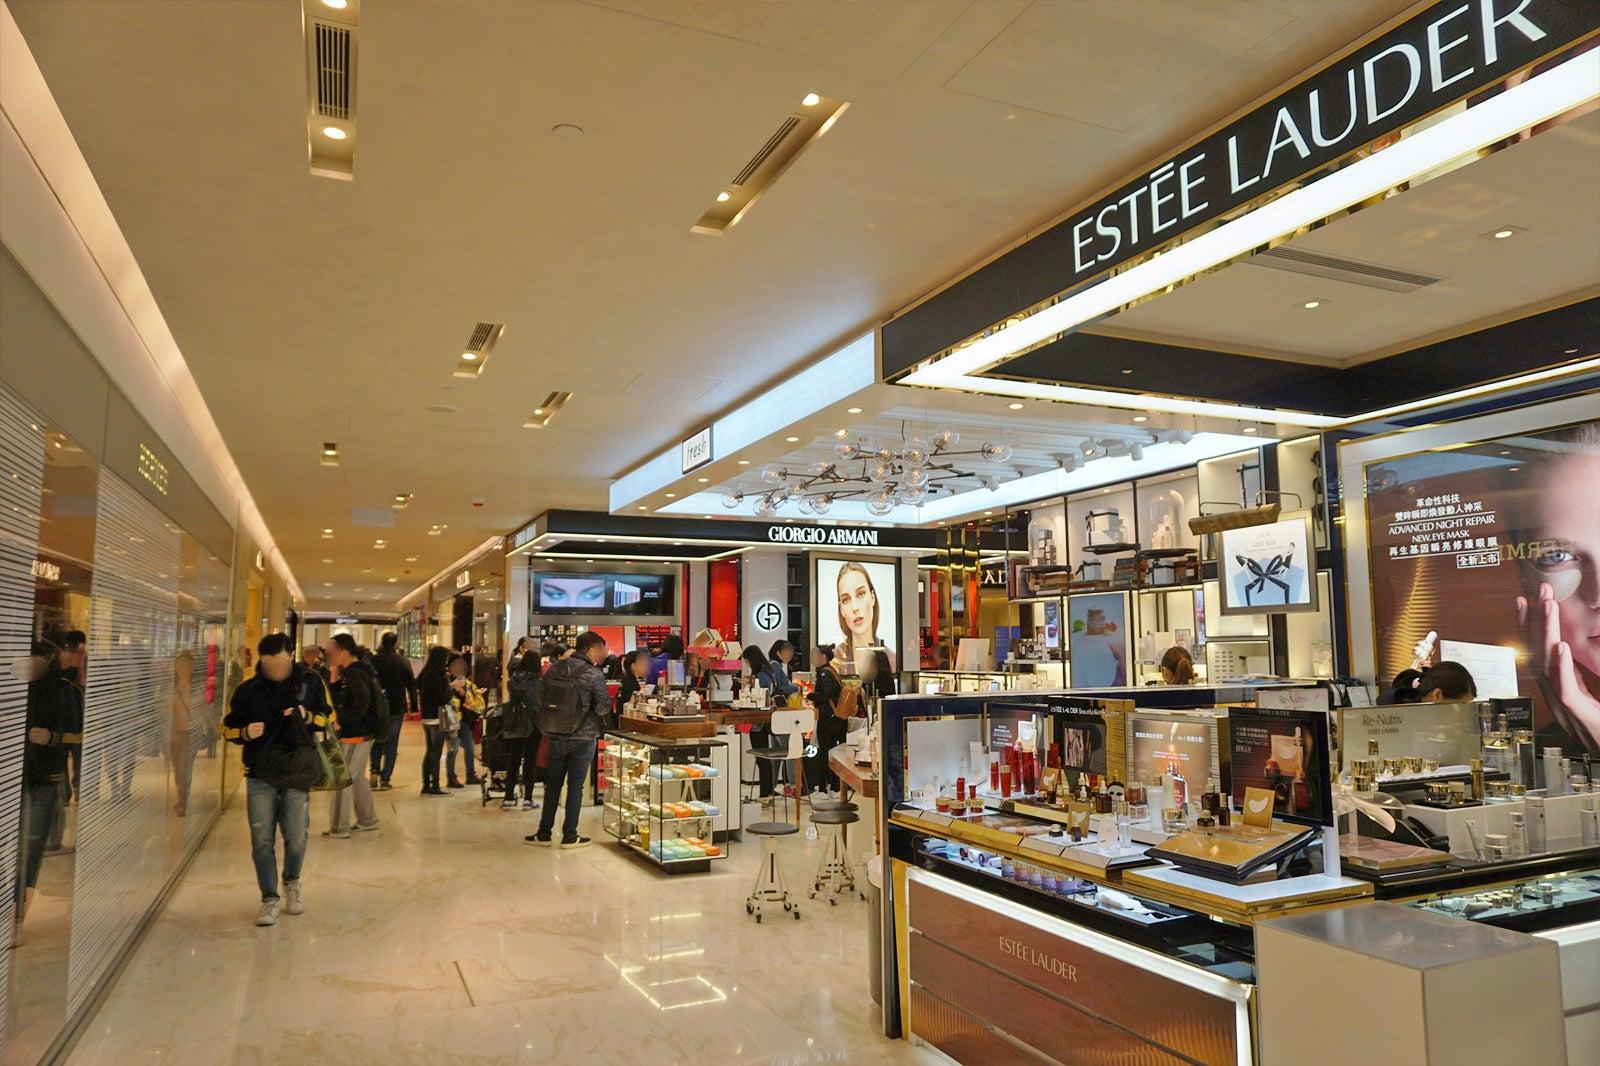 SOGO Hong Kong - Shopping Mall in Causeway Bay